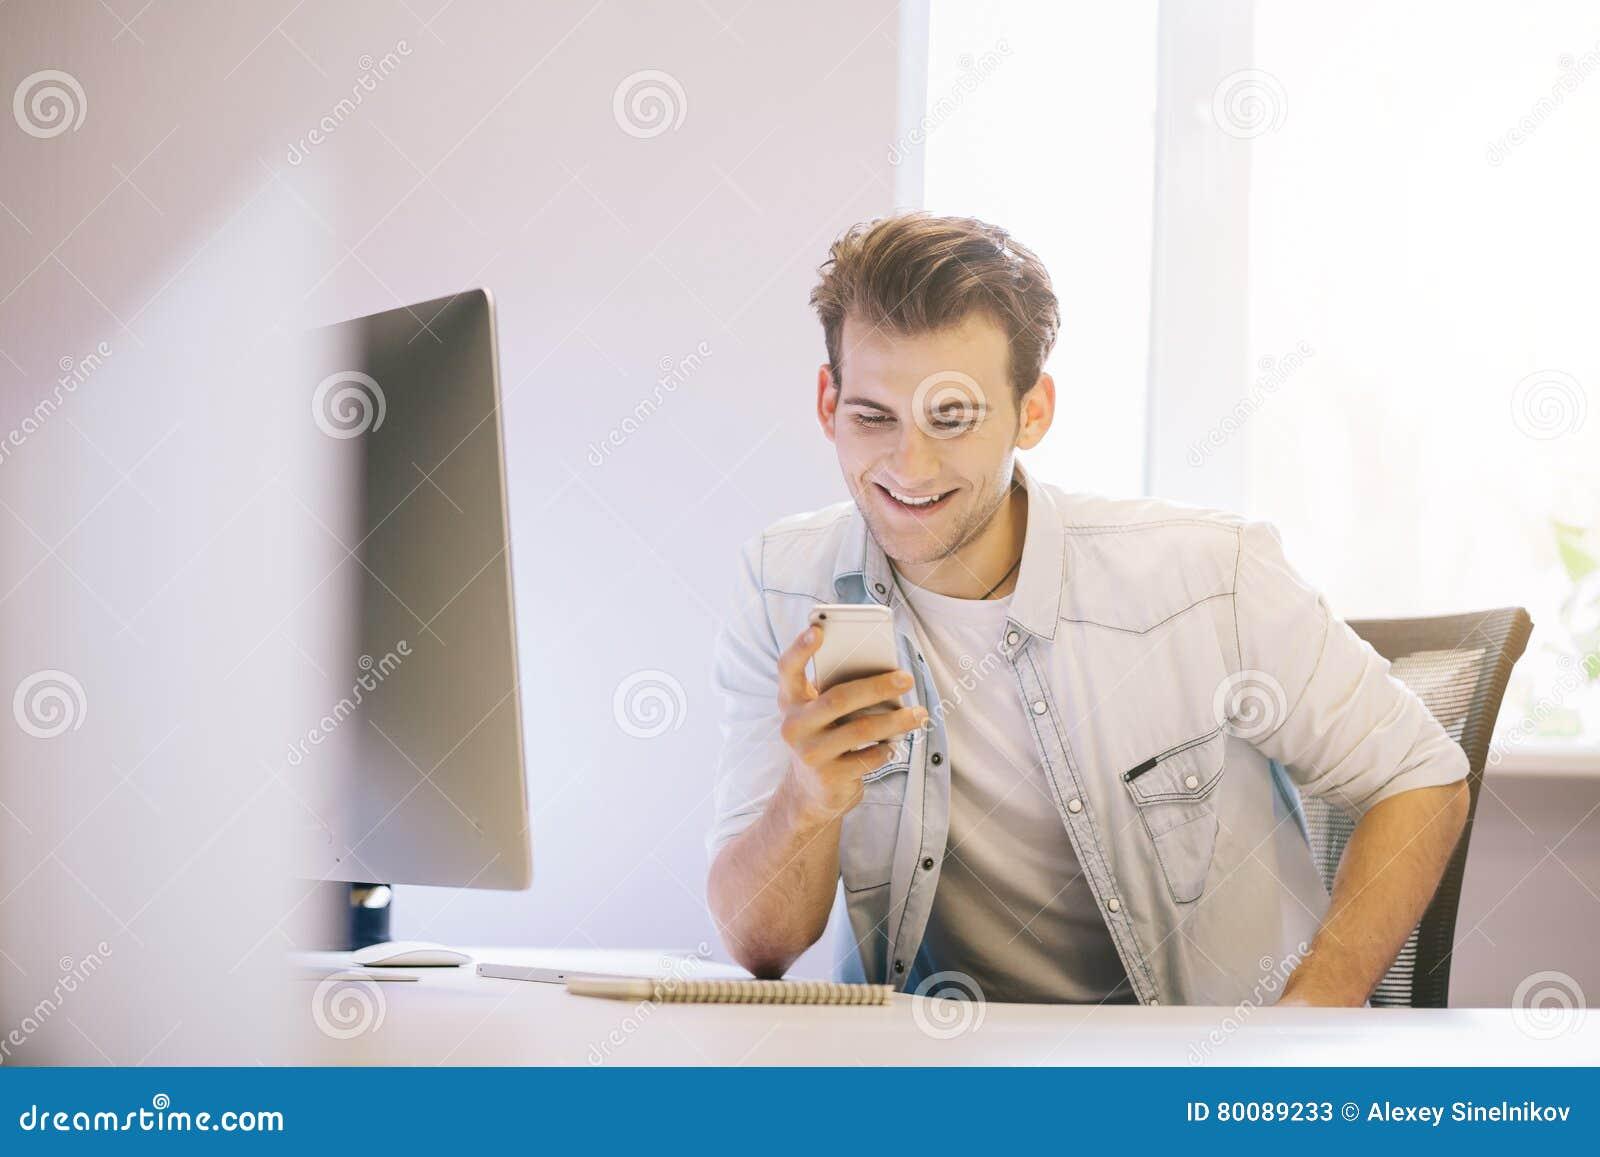 Uomo sorridente che comunica sul telefono mobile mentre utilizzando computer portatile allo scrittorio nello studio